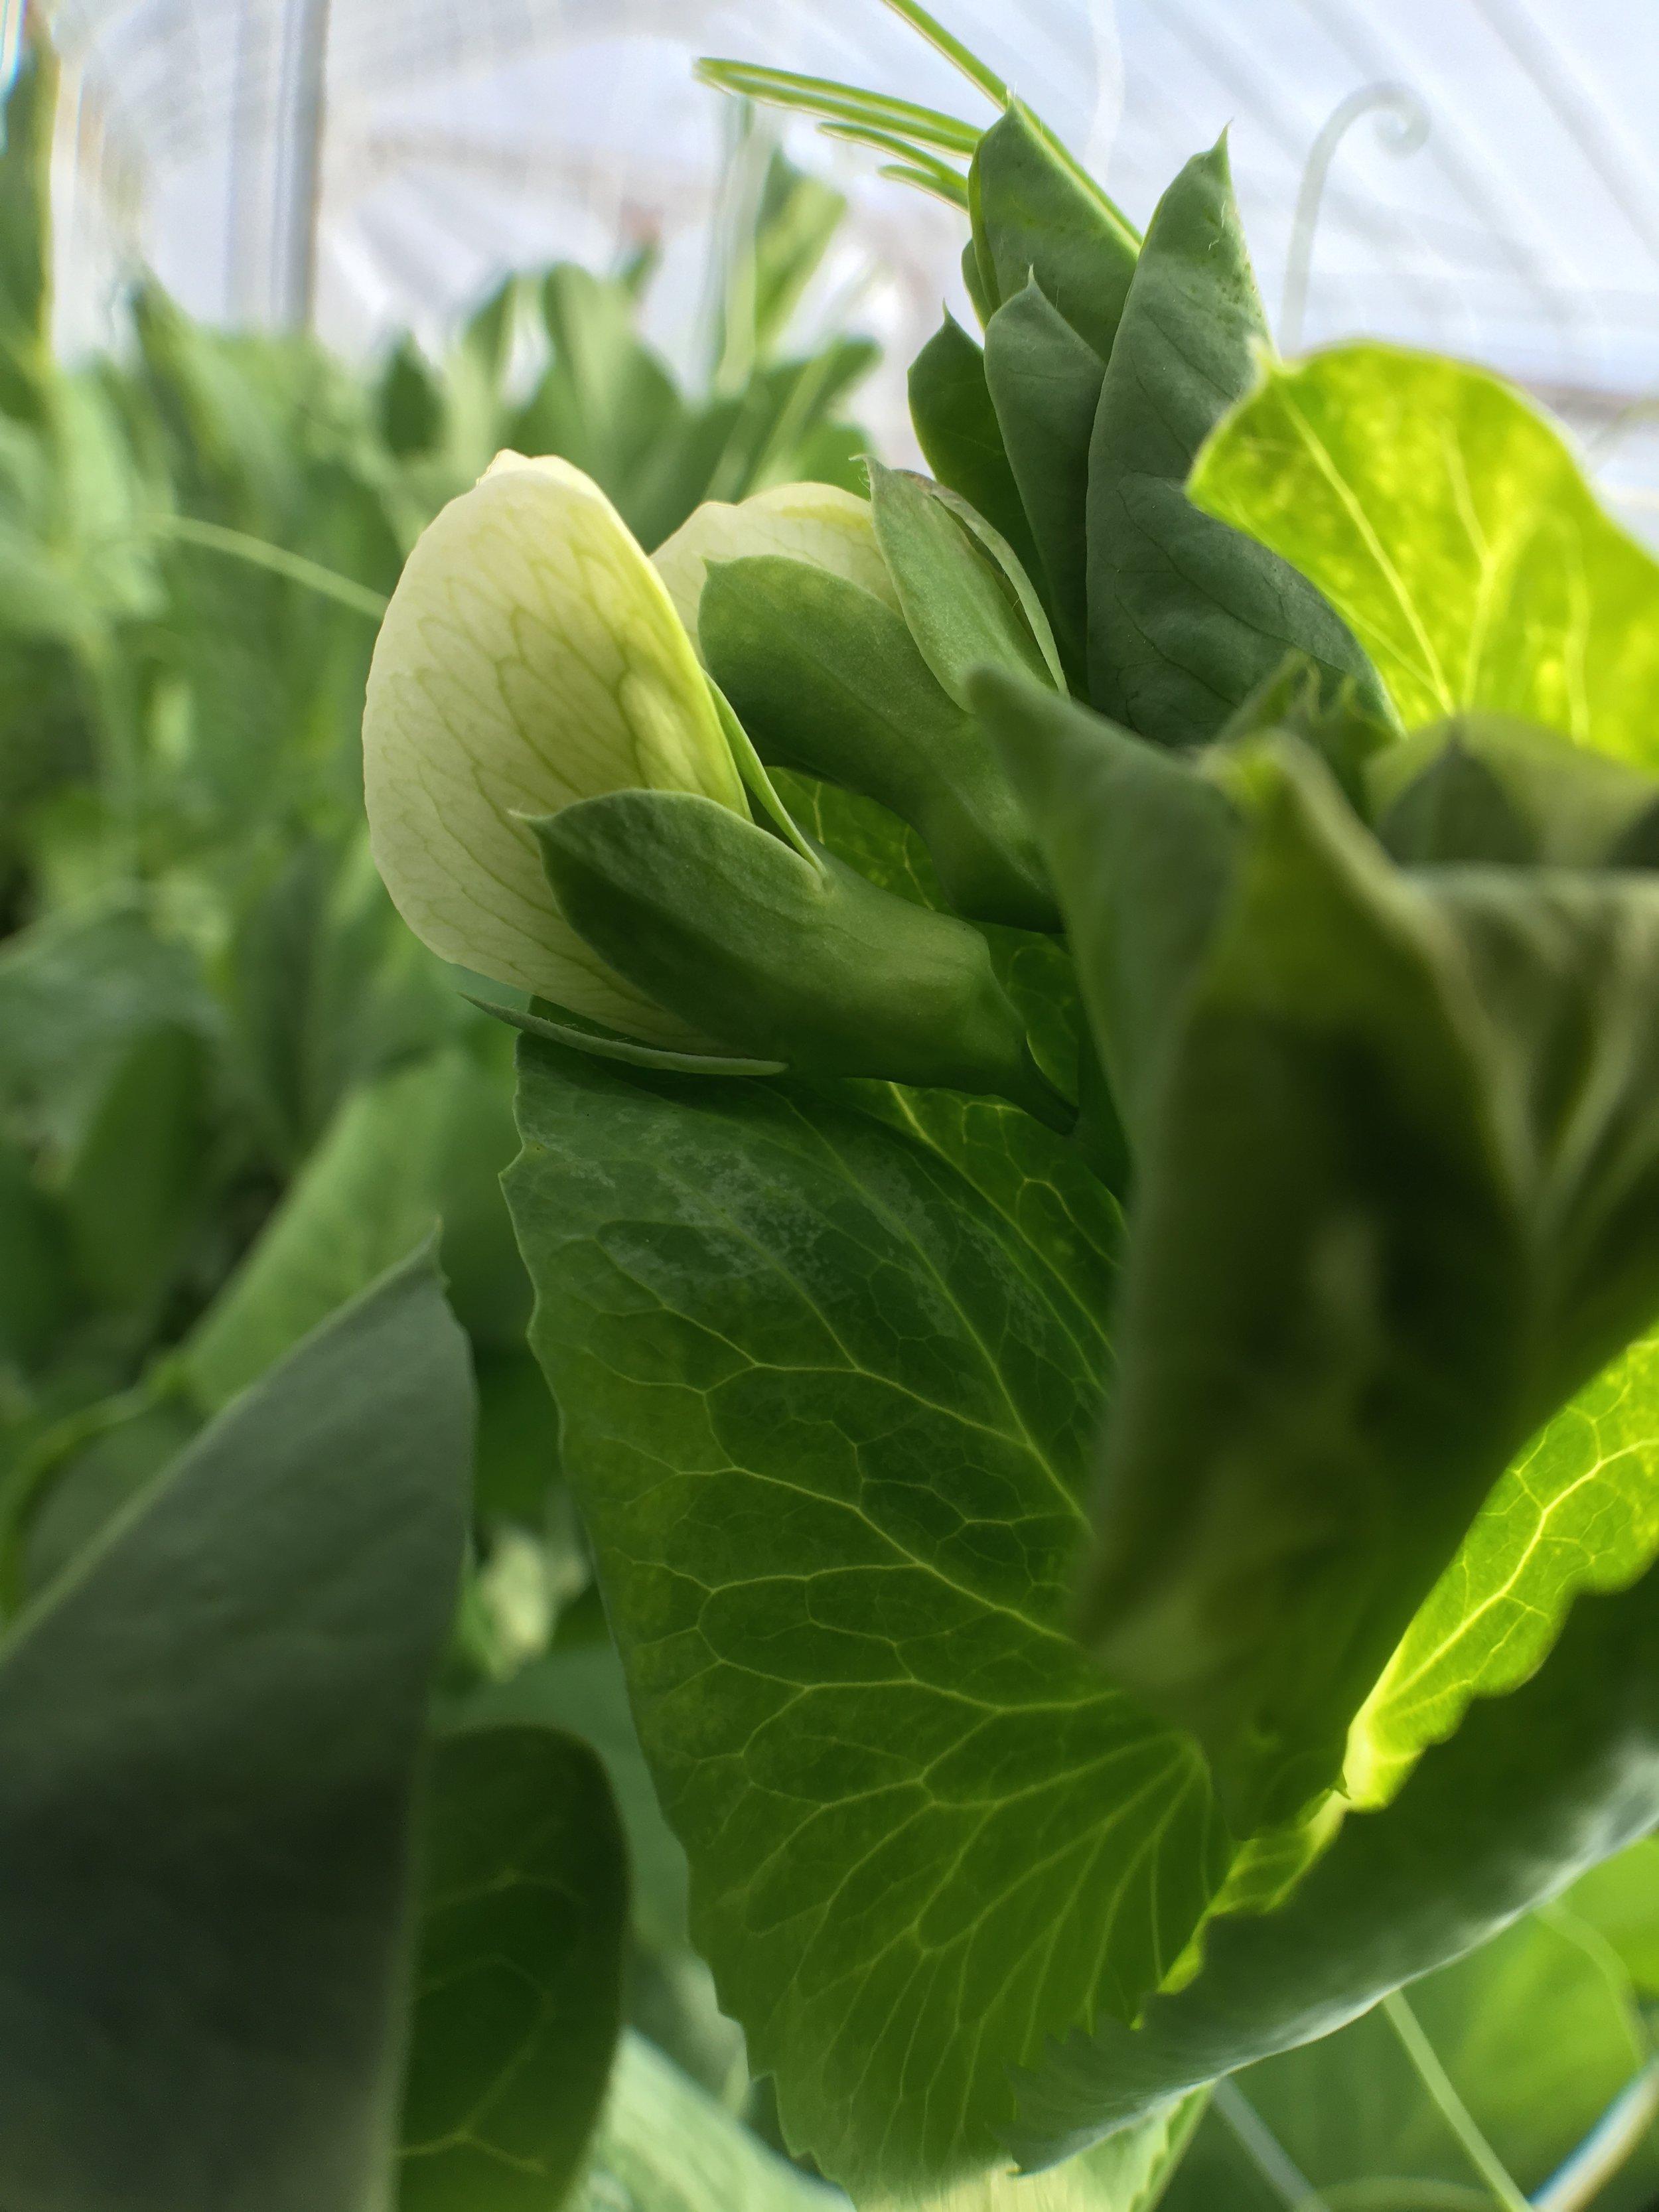 Snow peas blooming!